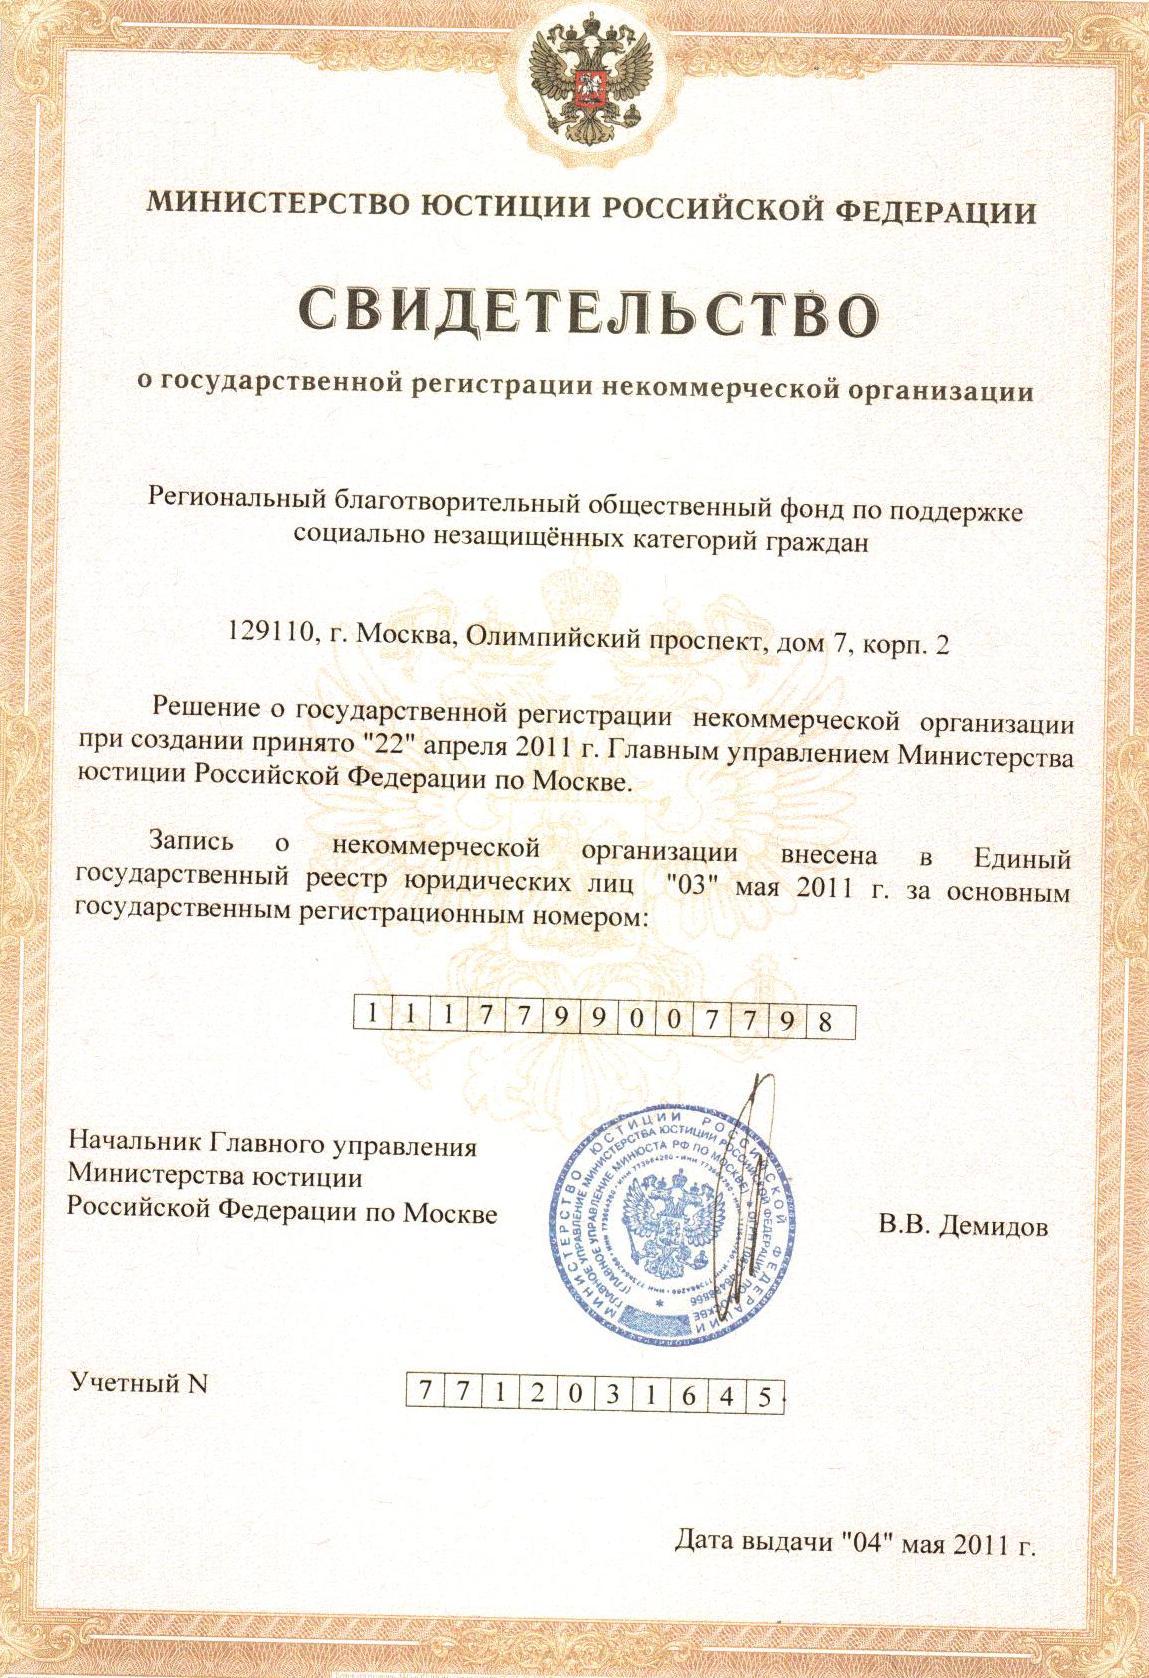 Основные этапы прохождения государственной регистрации